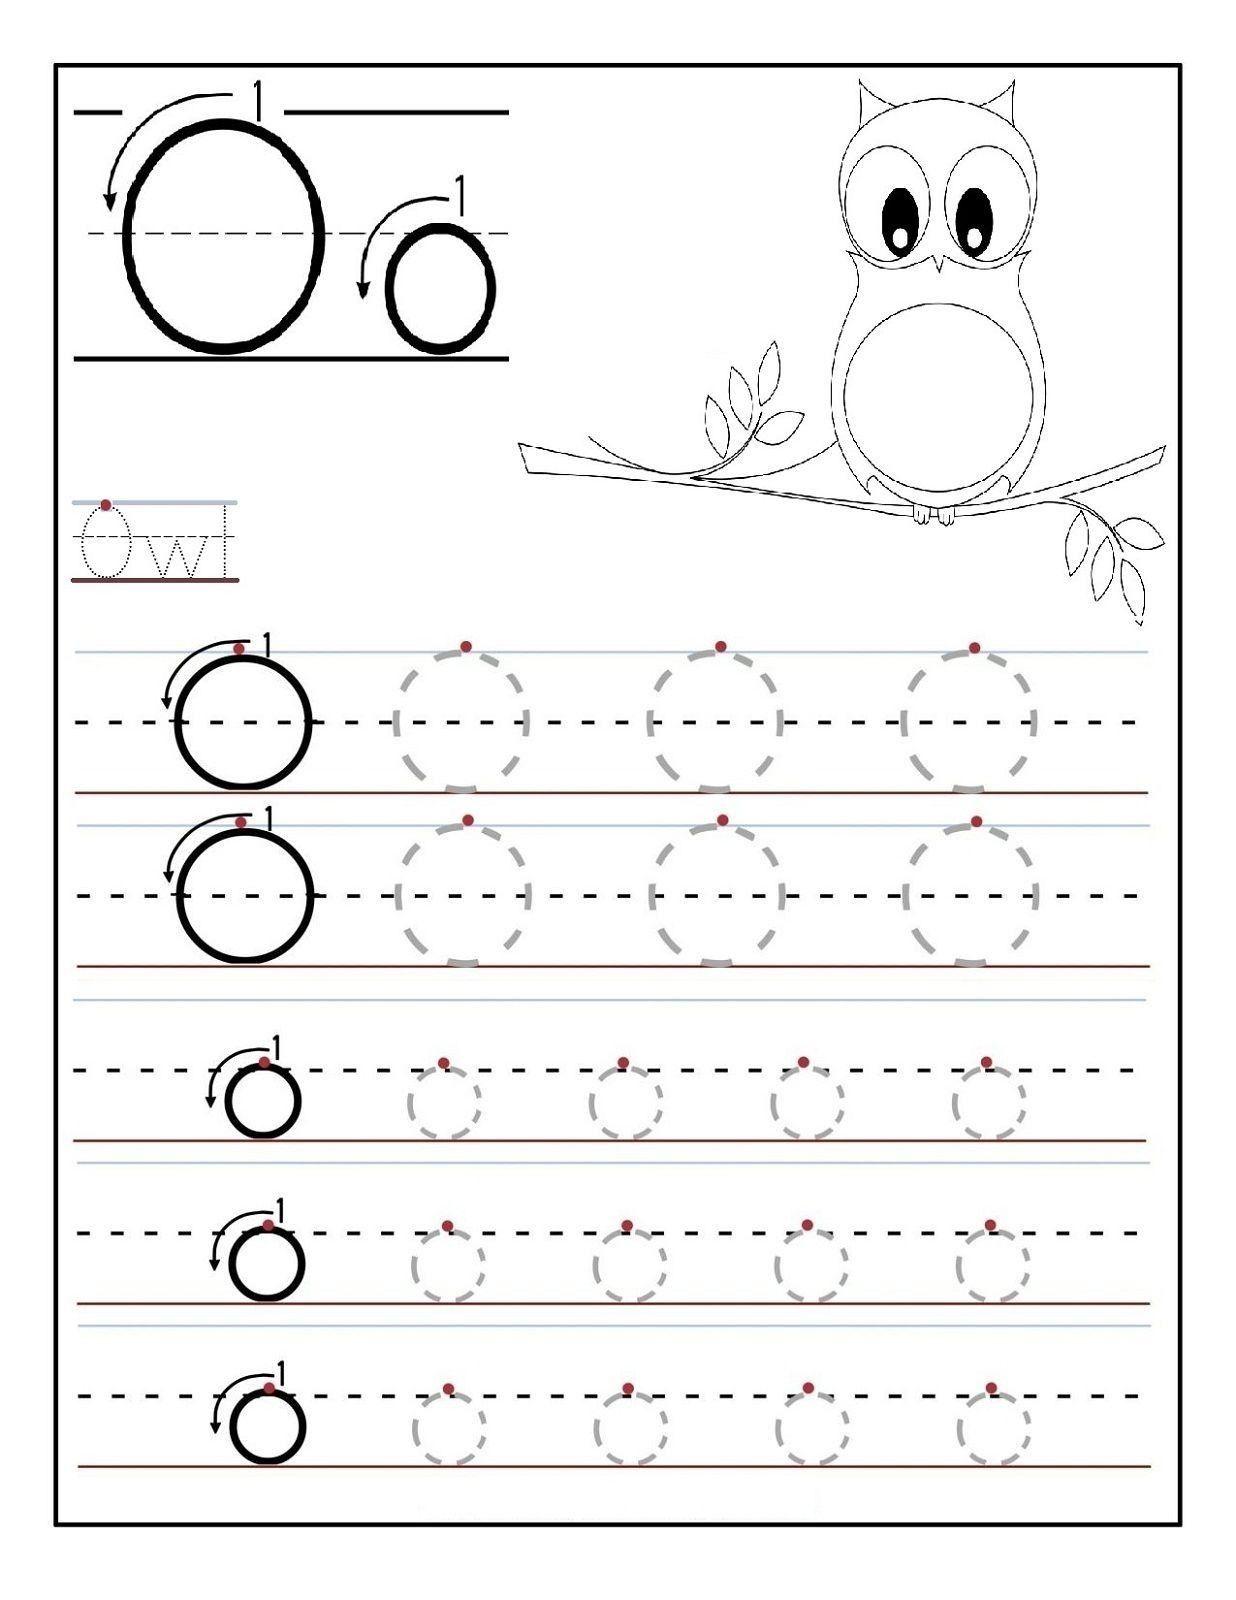 Science Preschool Tracing Worksheet